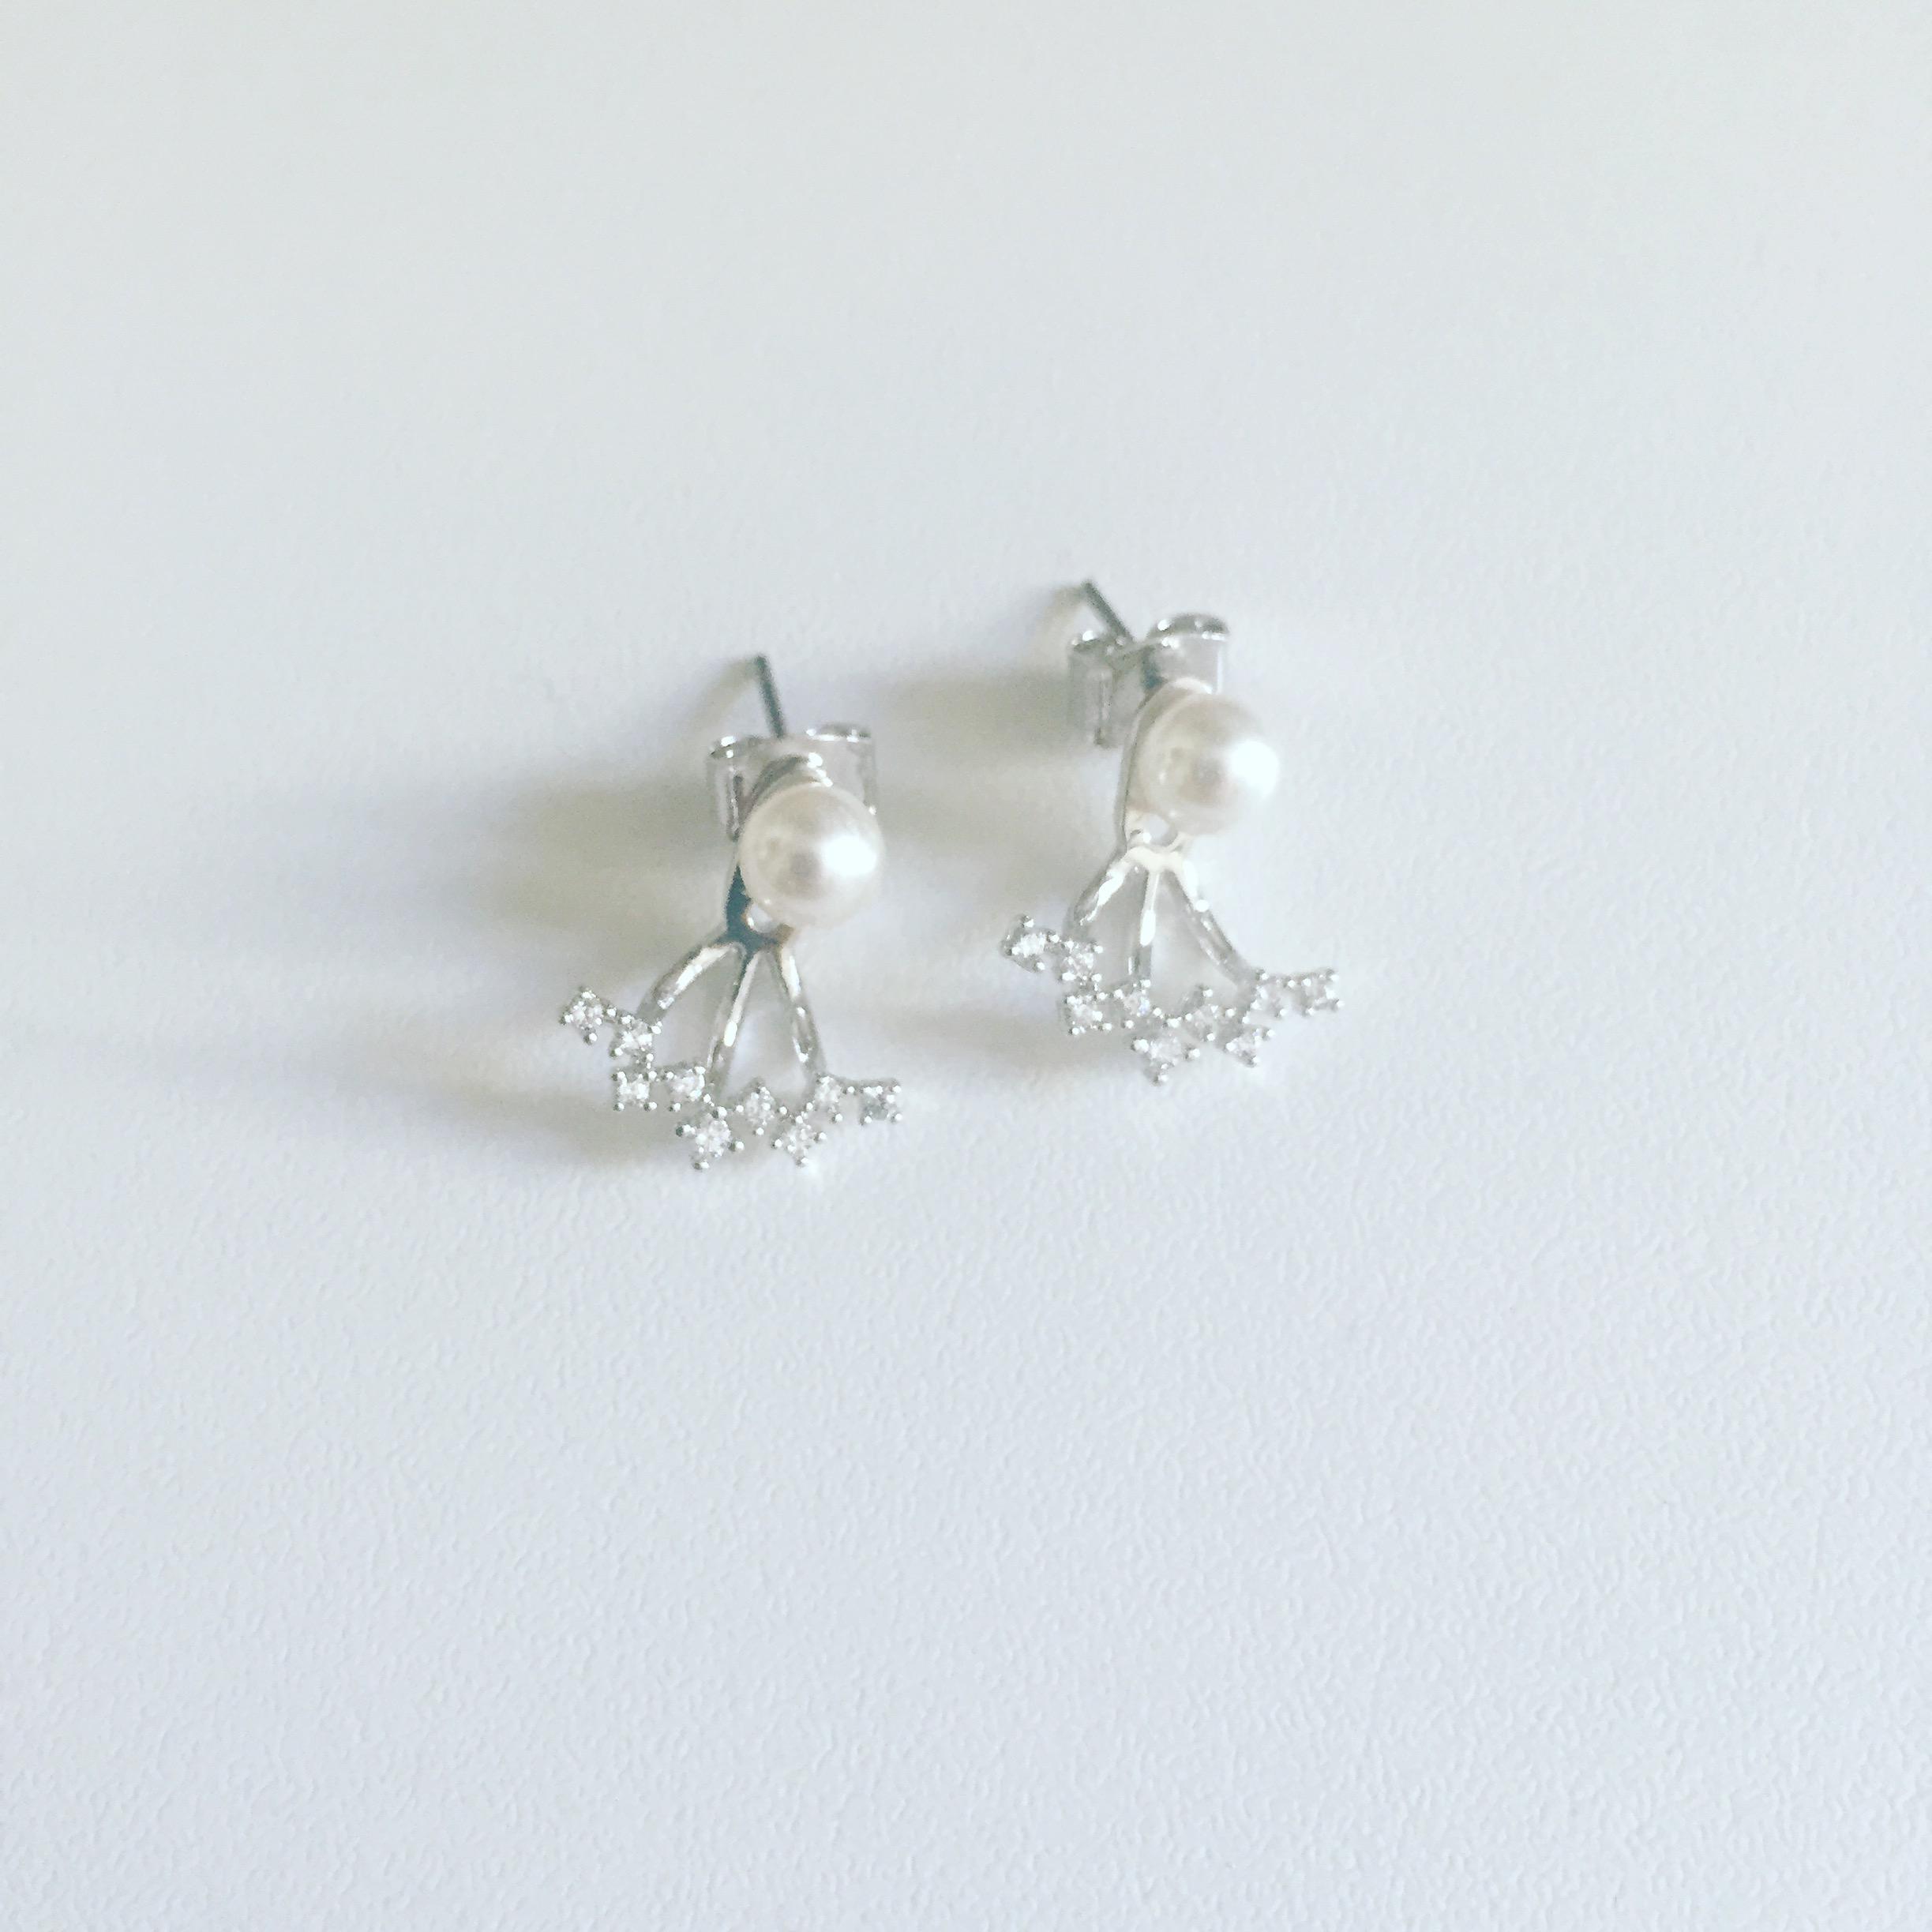 Boucles d 39 oreilles perle - Tuto boucle d oreille perle ...